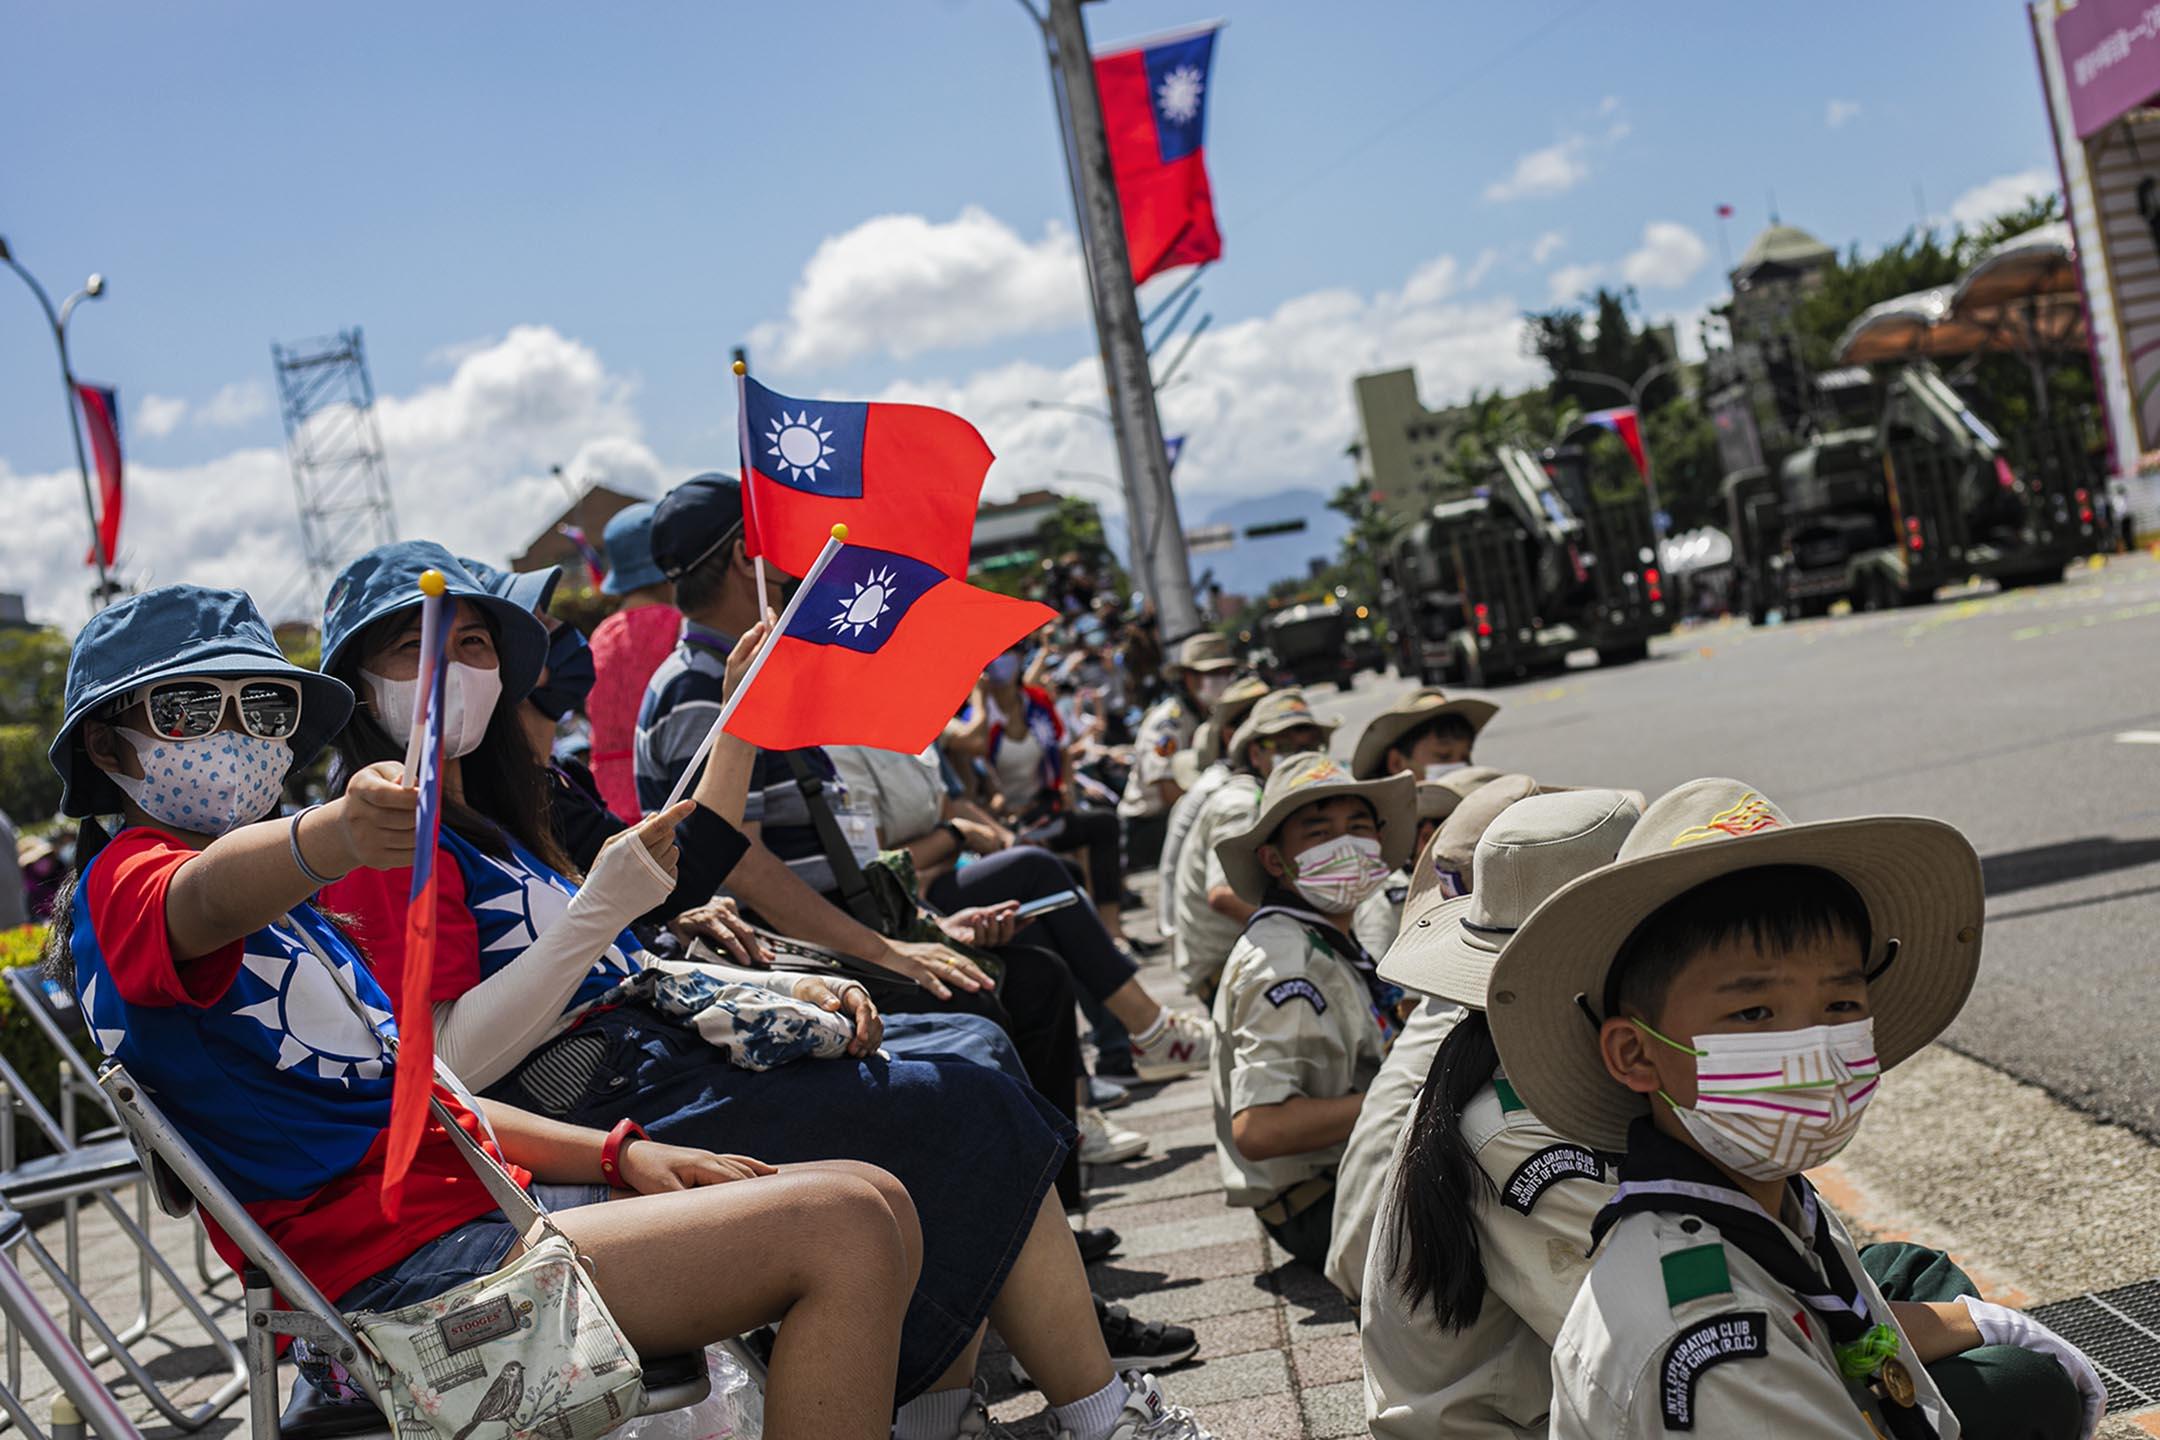 2021年10月10日台北,雙十節國慶大會,市民在觀看軍隊。